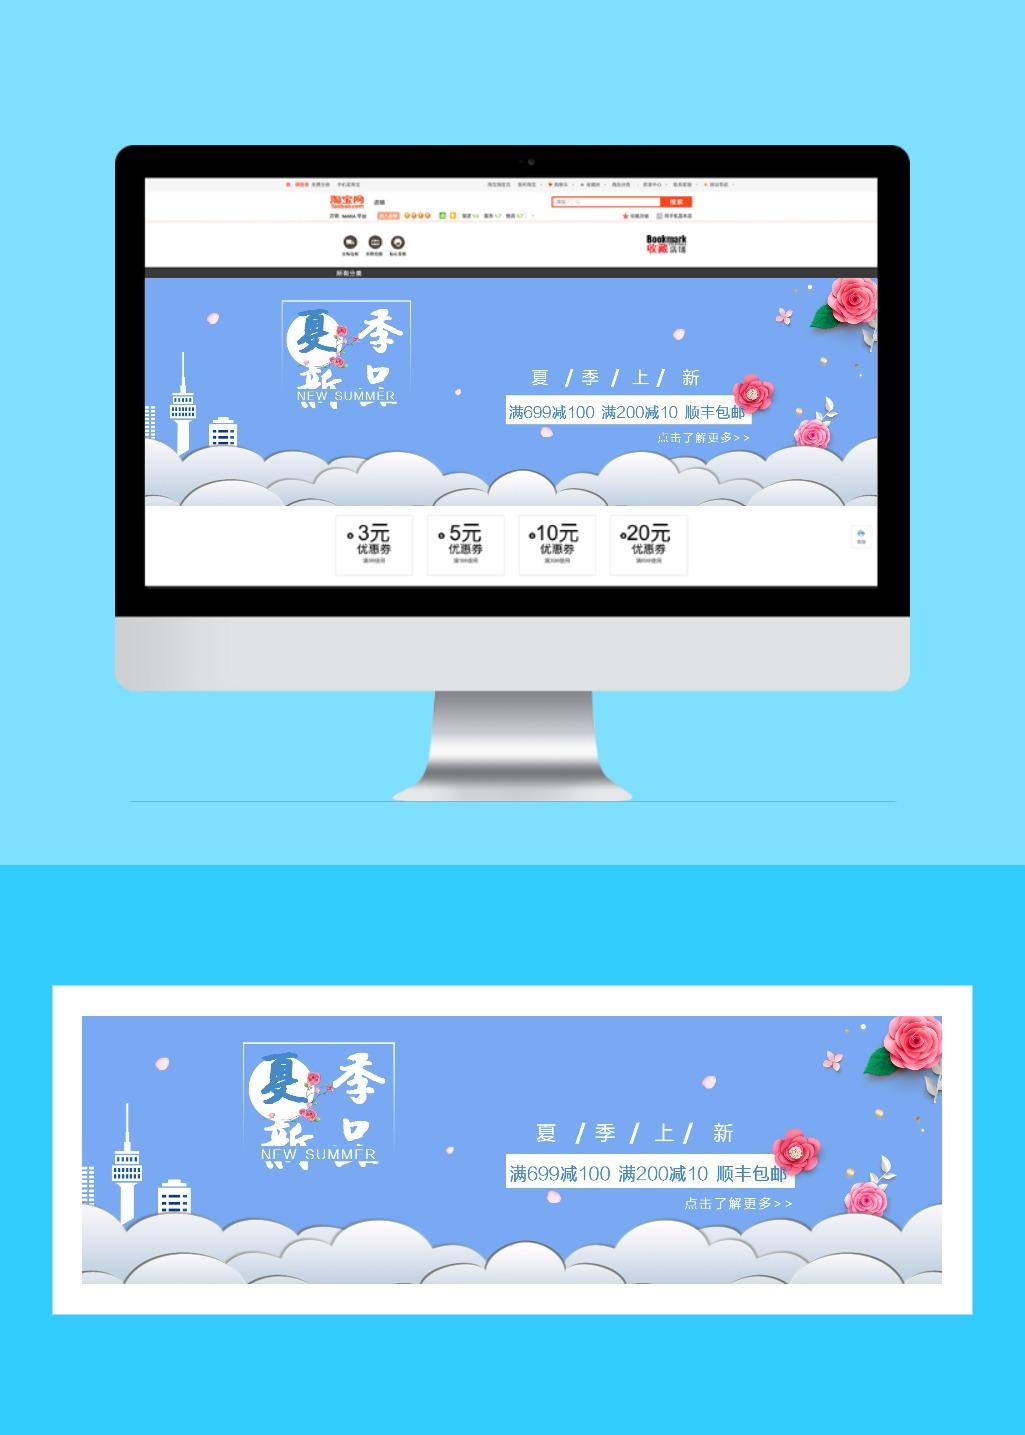 夏季上新简约大气互联网各行业宣传促销电商banner